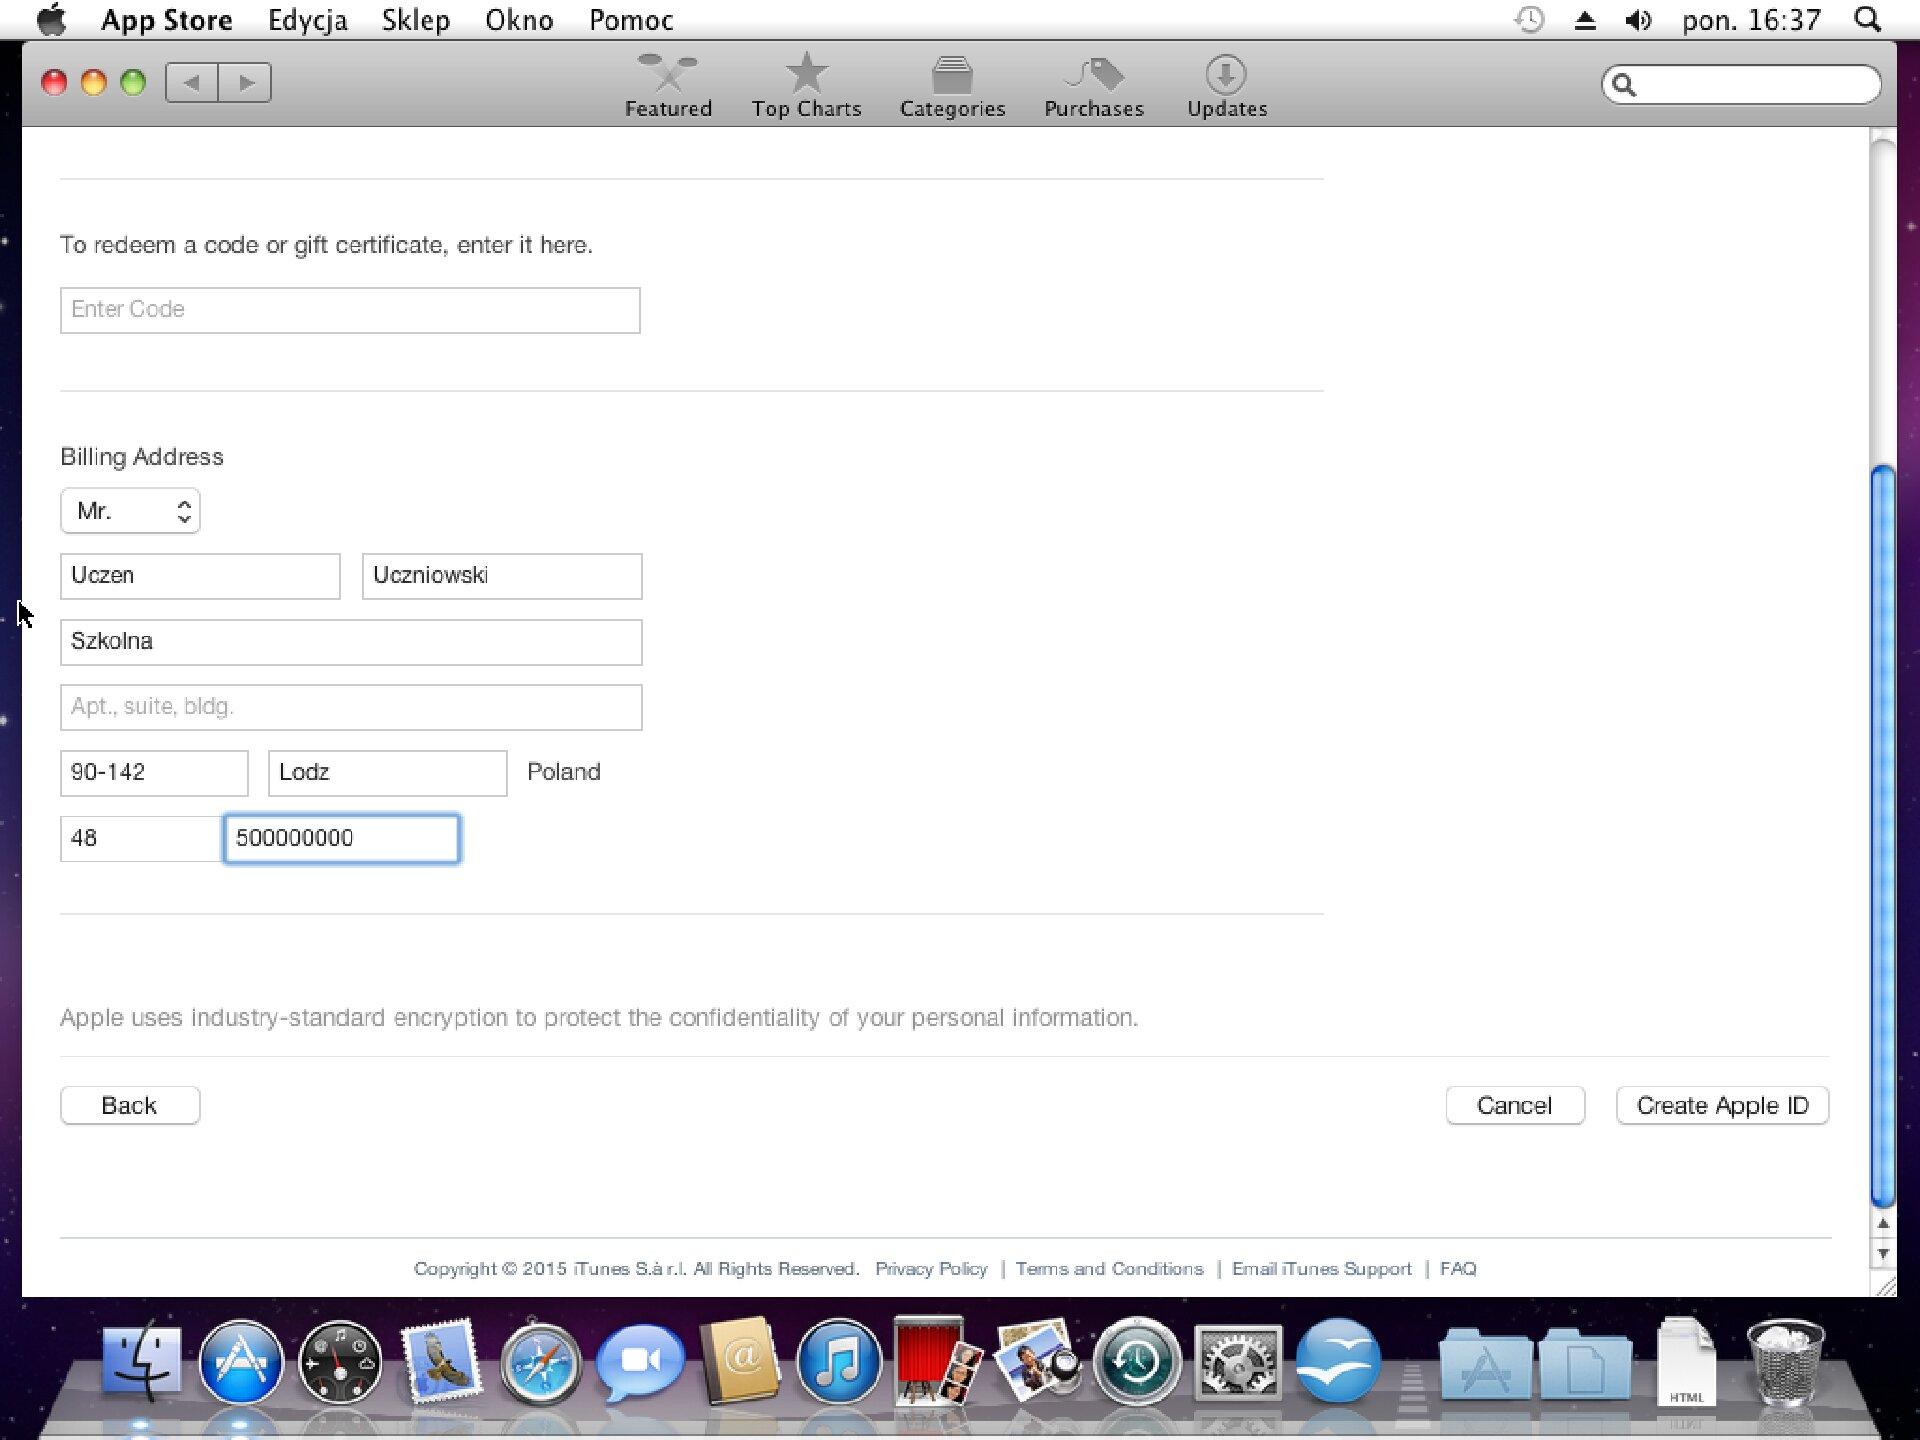 Zrzut okna 3 procesu zakładania konta wApp Store